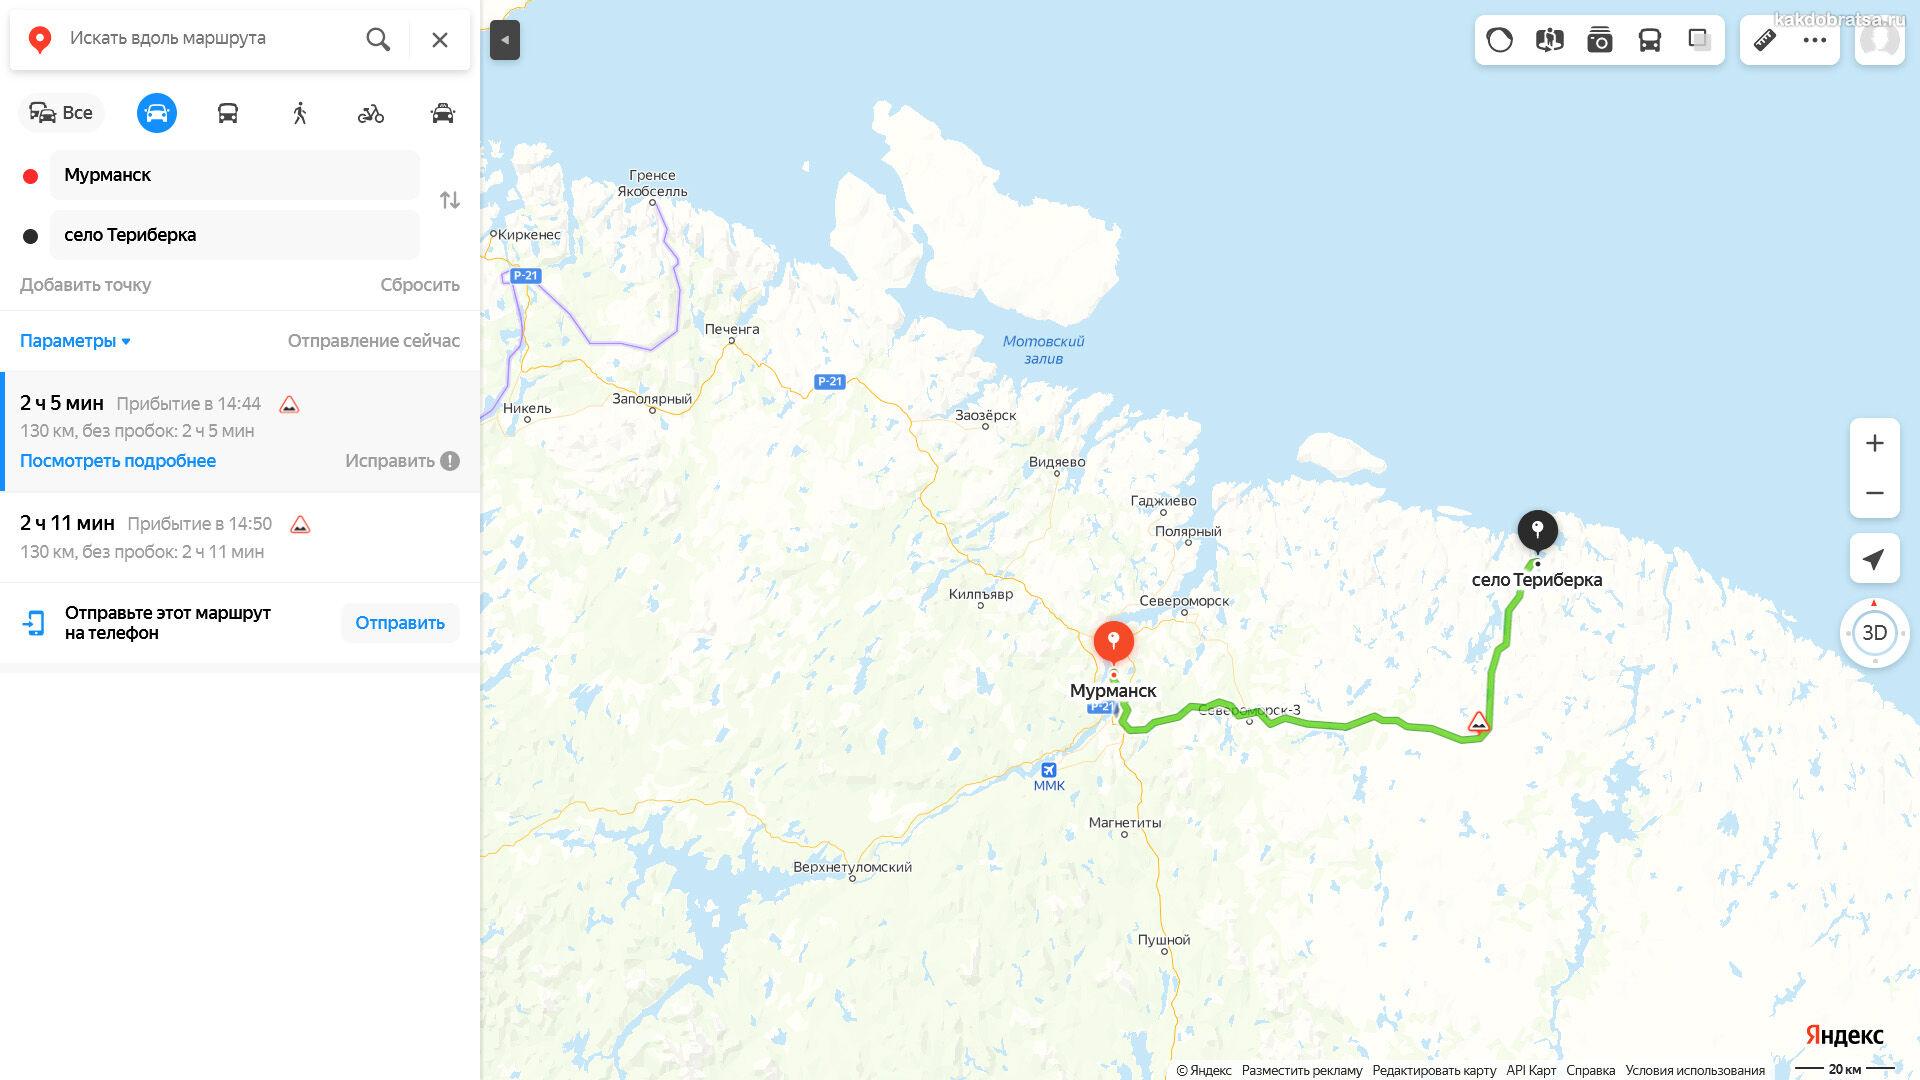 Как добраться из Мурманска в Териберку - карта